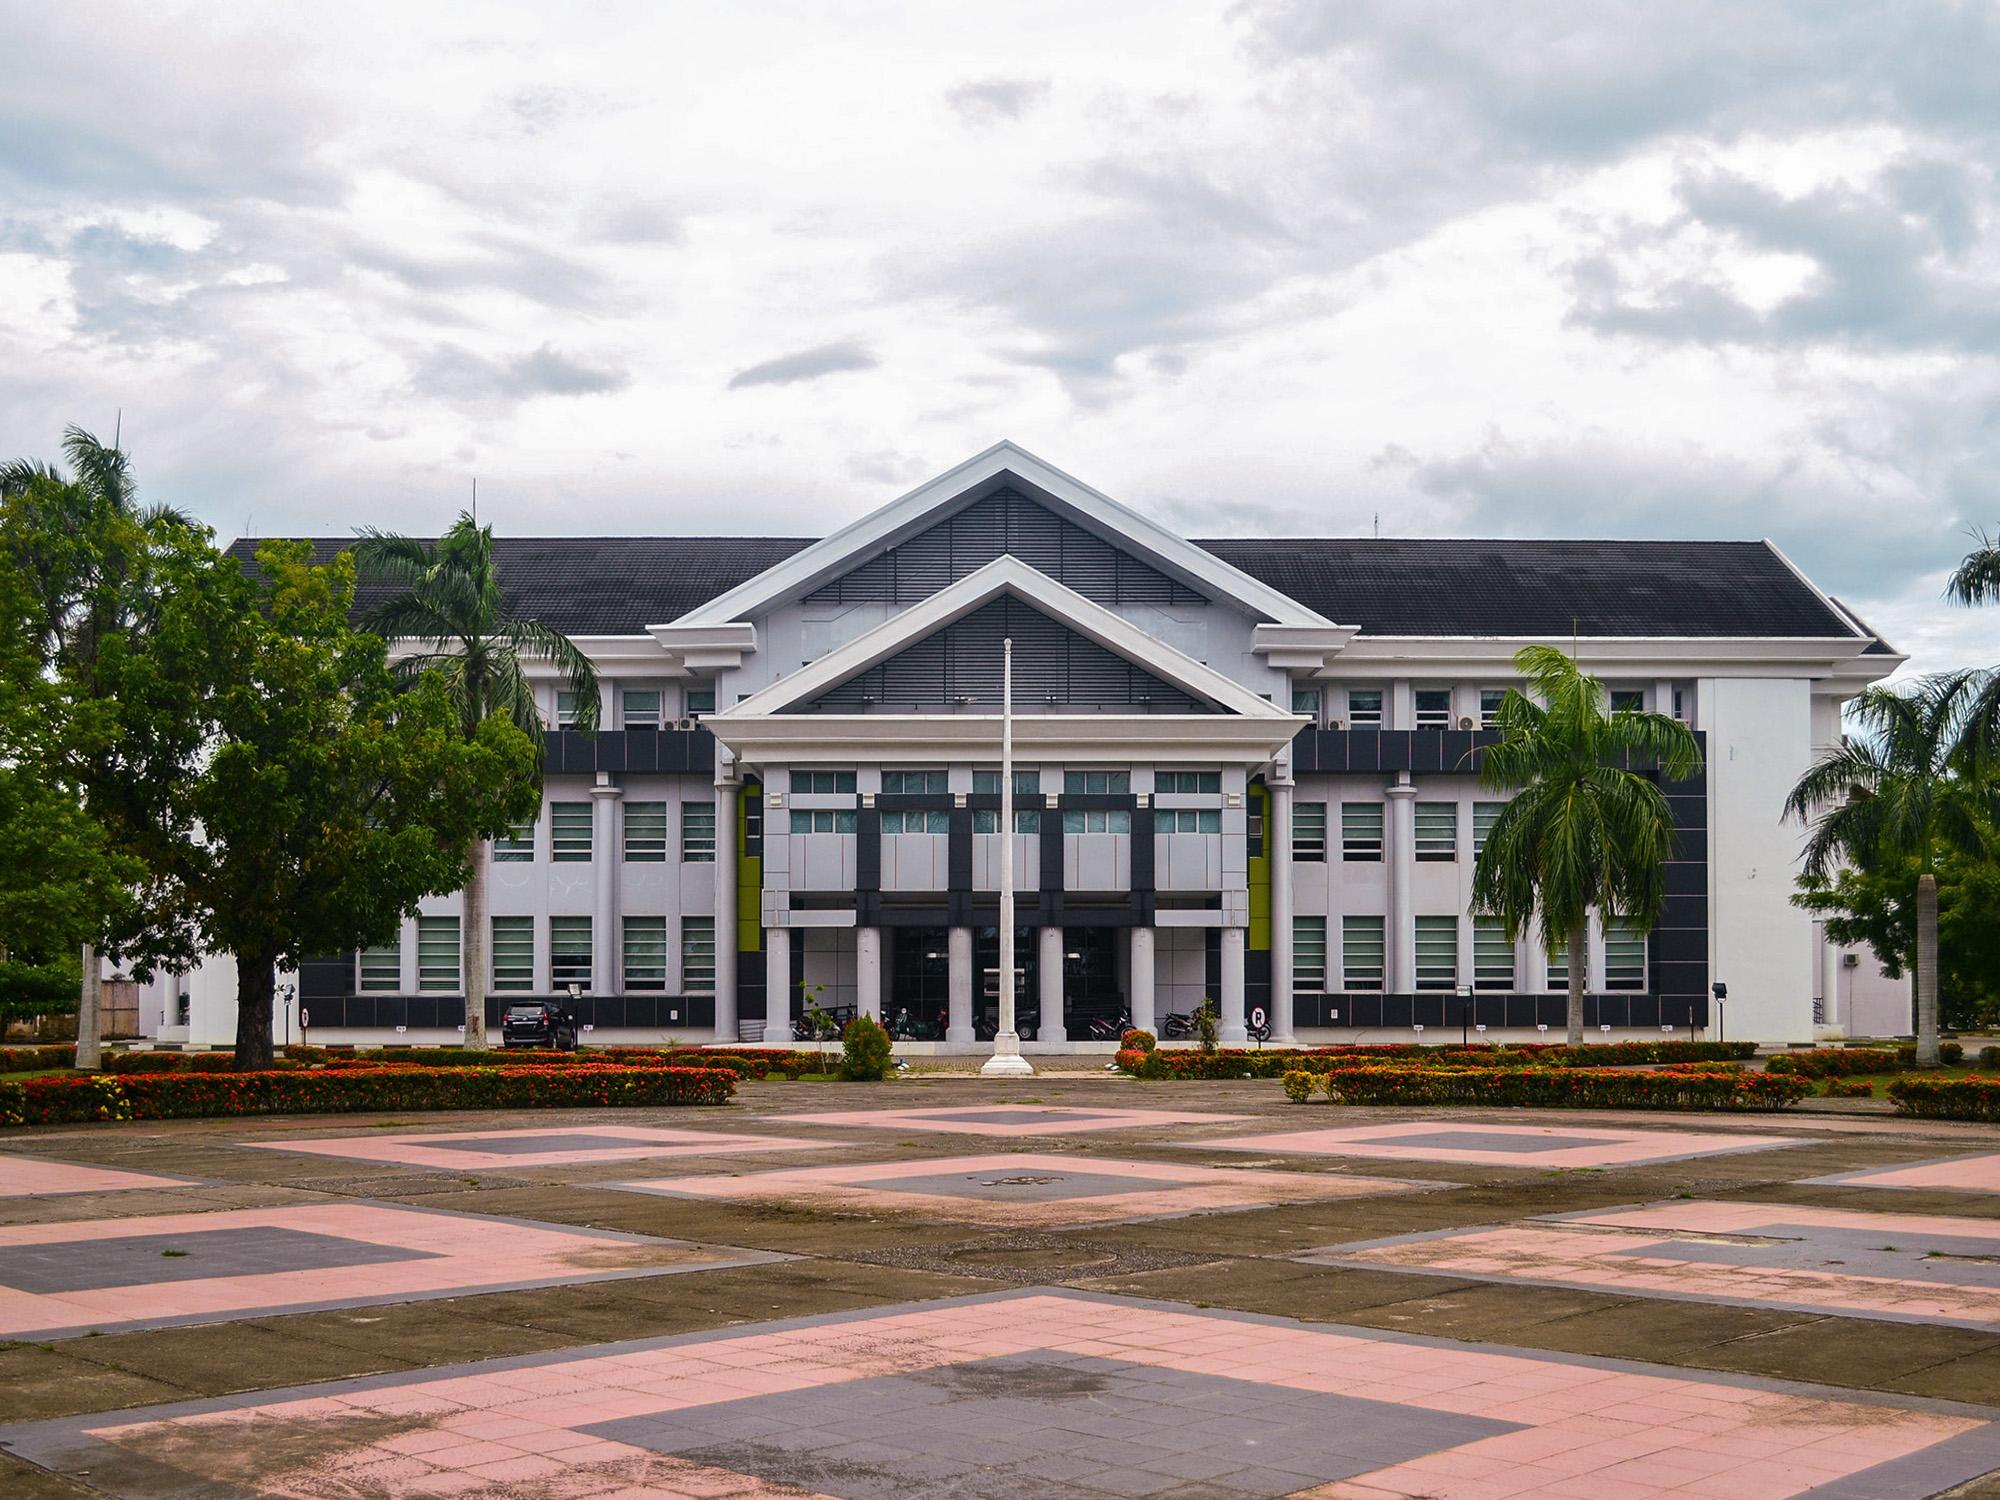 Biaya Kuliah Unsyiah Universitas Syiah Kuala 2019/2020